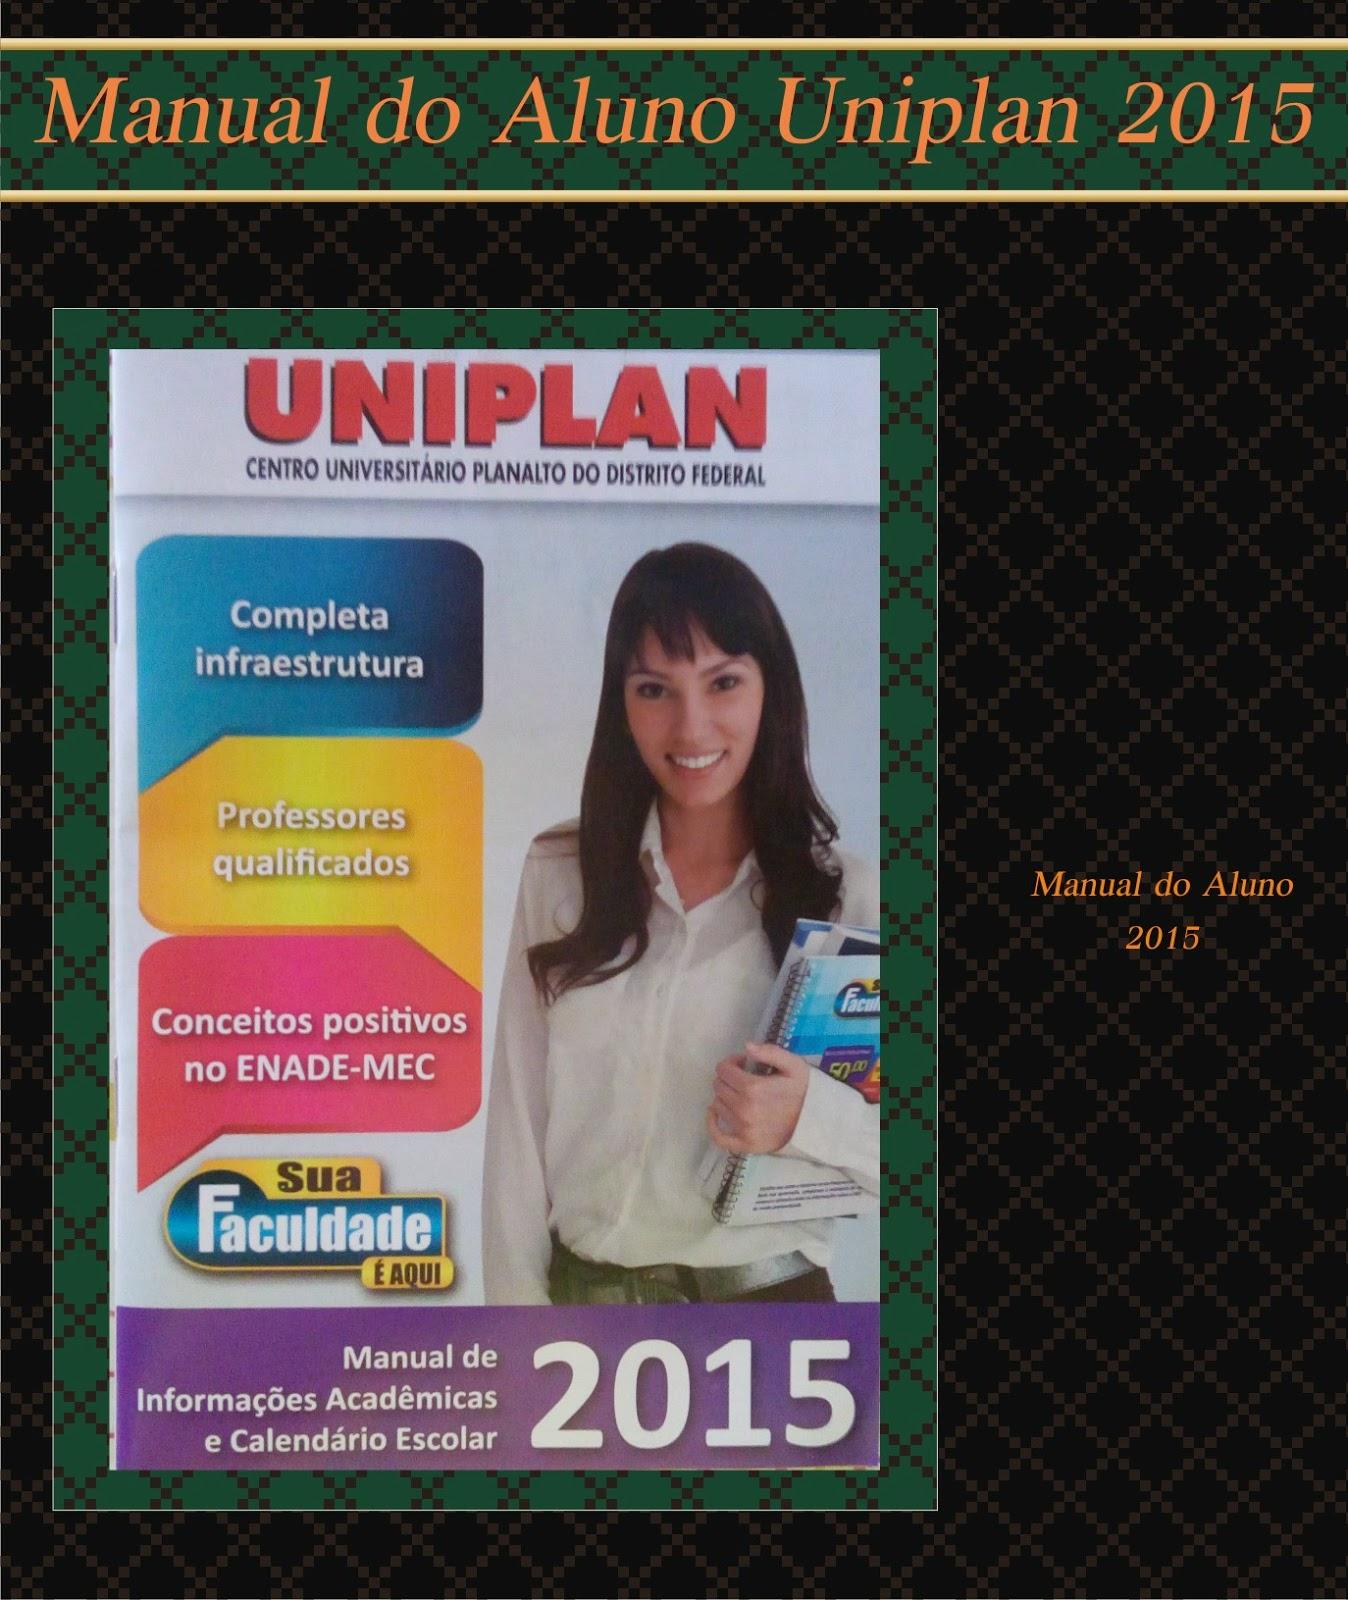 Manual Uniplan